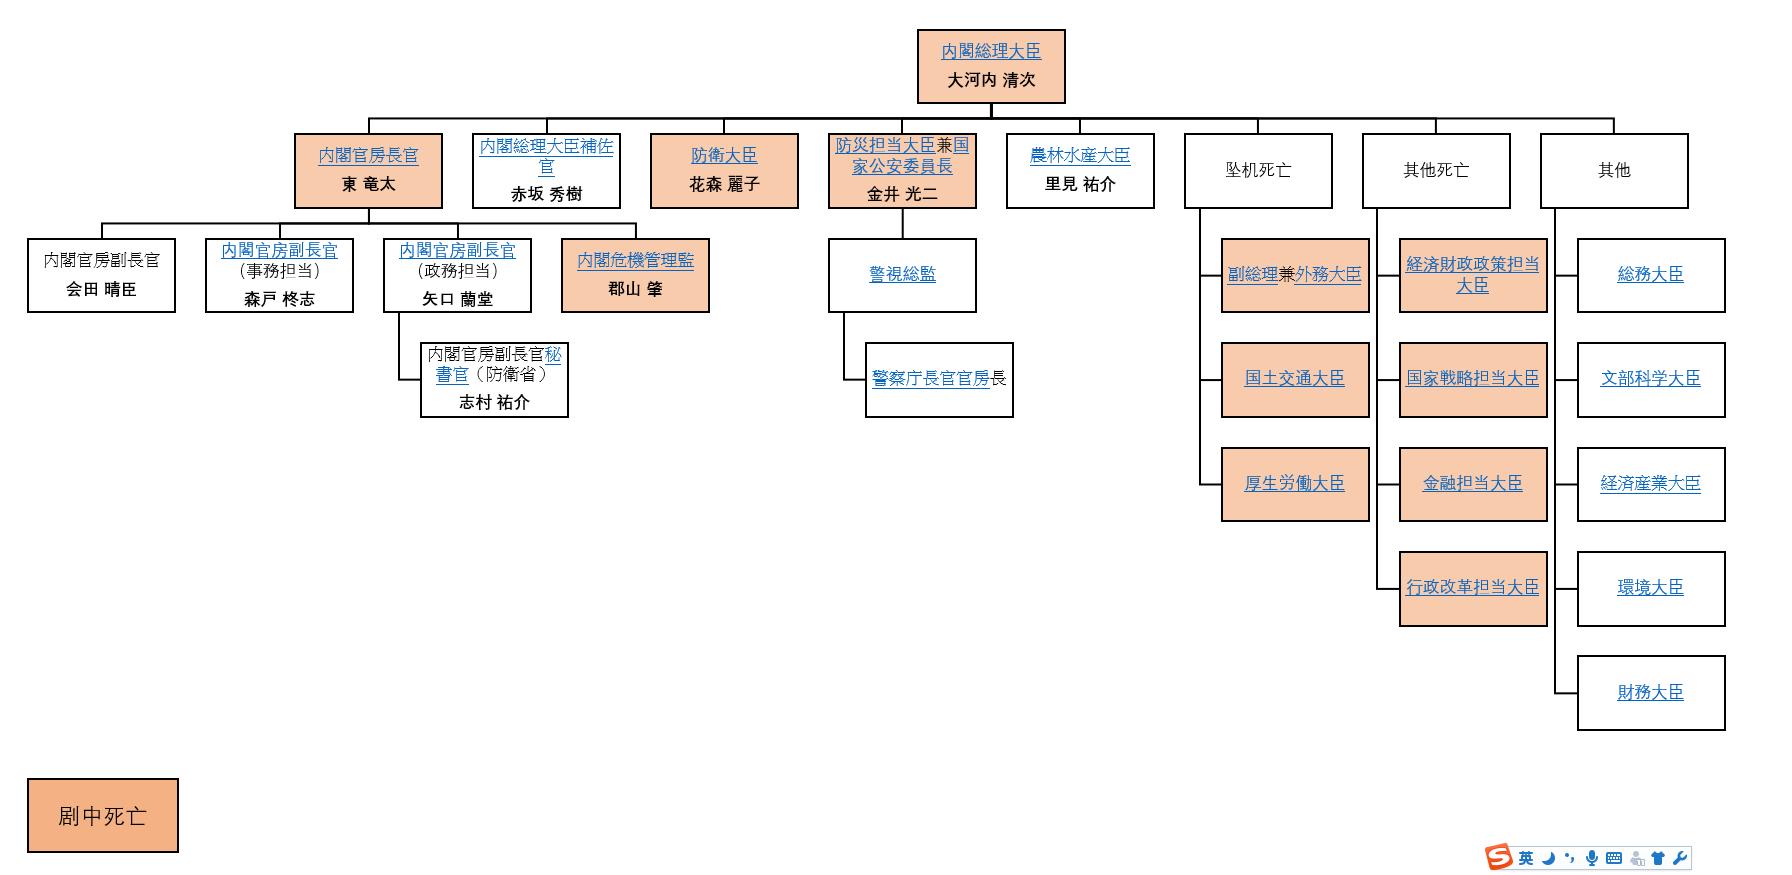 日本行政机关组织架构图